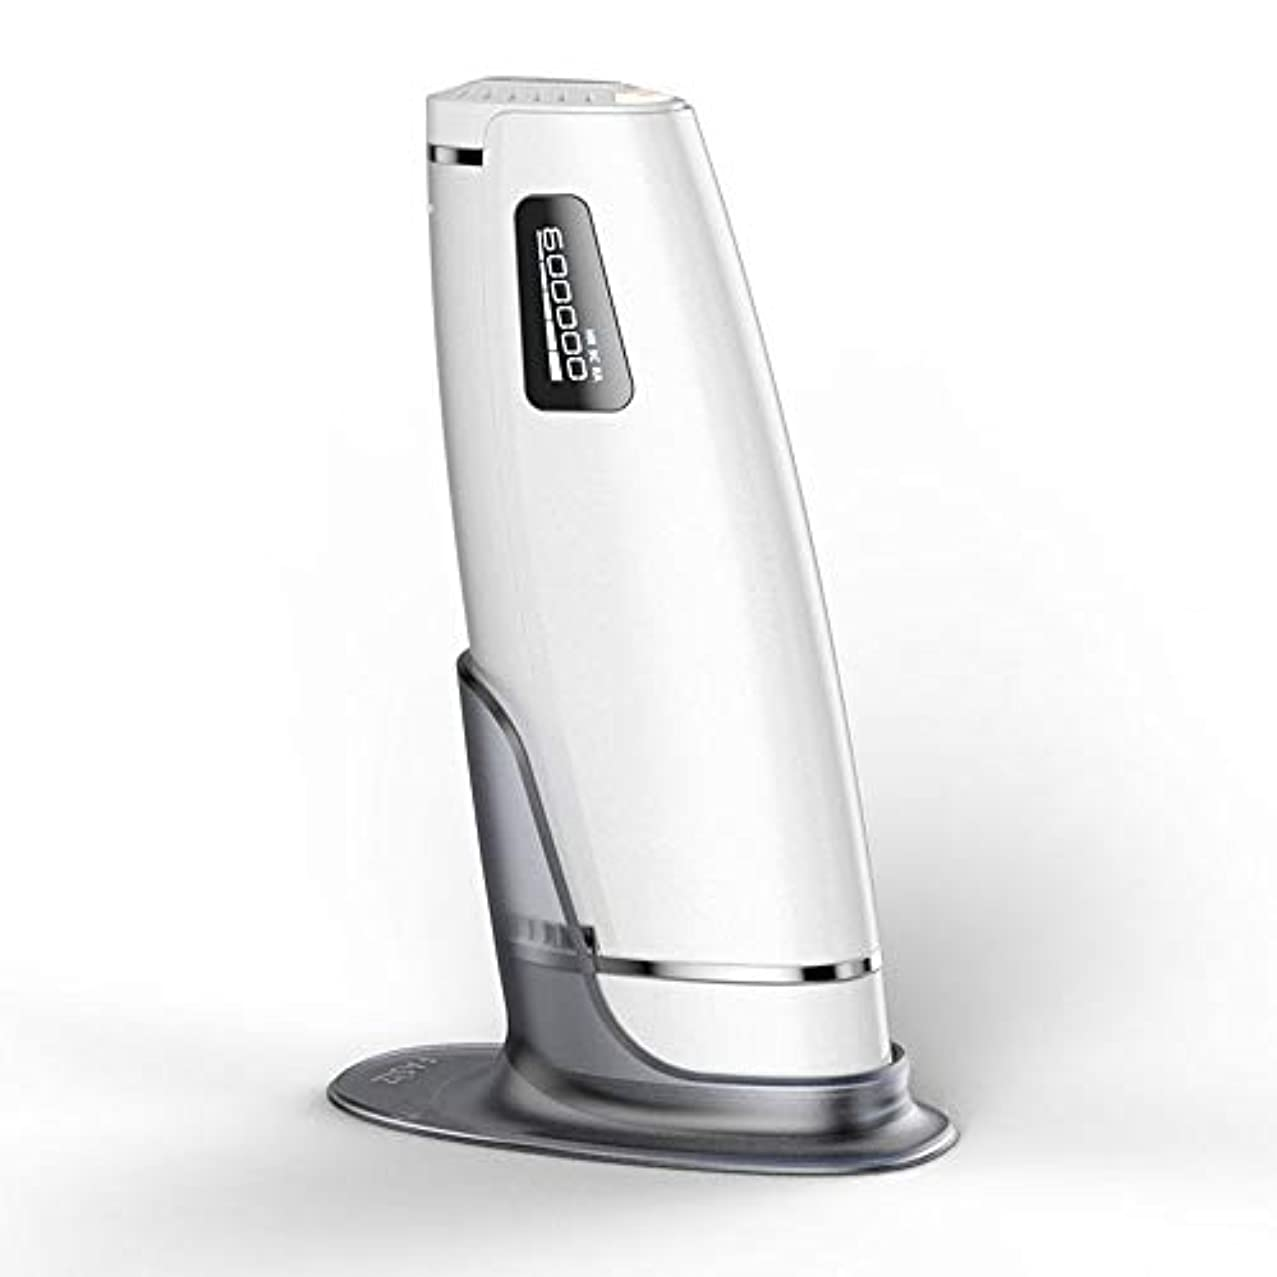 ご飯スポンサー記憶家庭用自動痛みのない毛の除去剤、白、携帯用永久的な毛の除去剤、二重モード、5つの速度調節、サイズ20.5 X 4.5 X 7 Cm 安全性